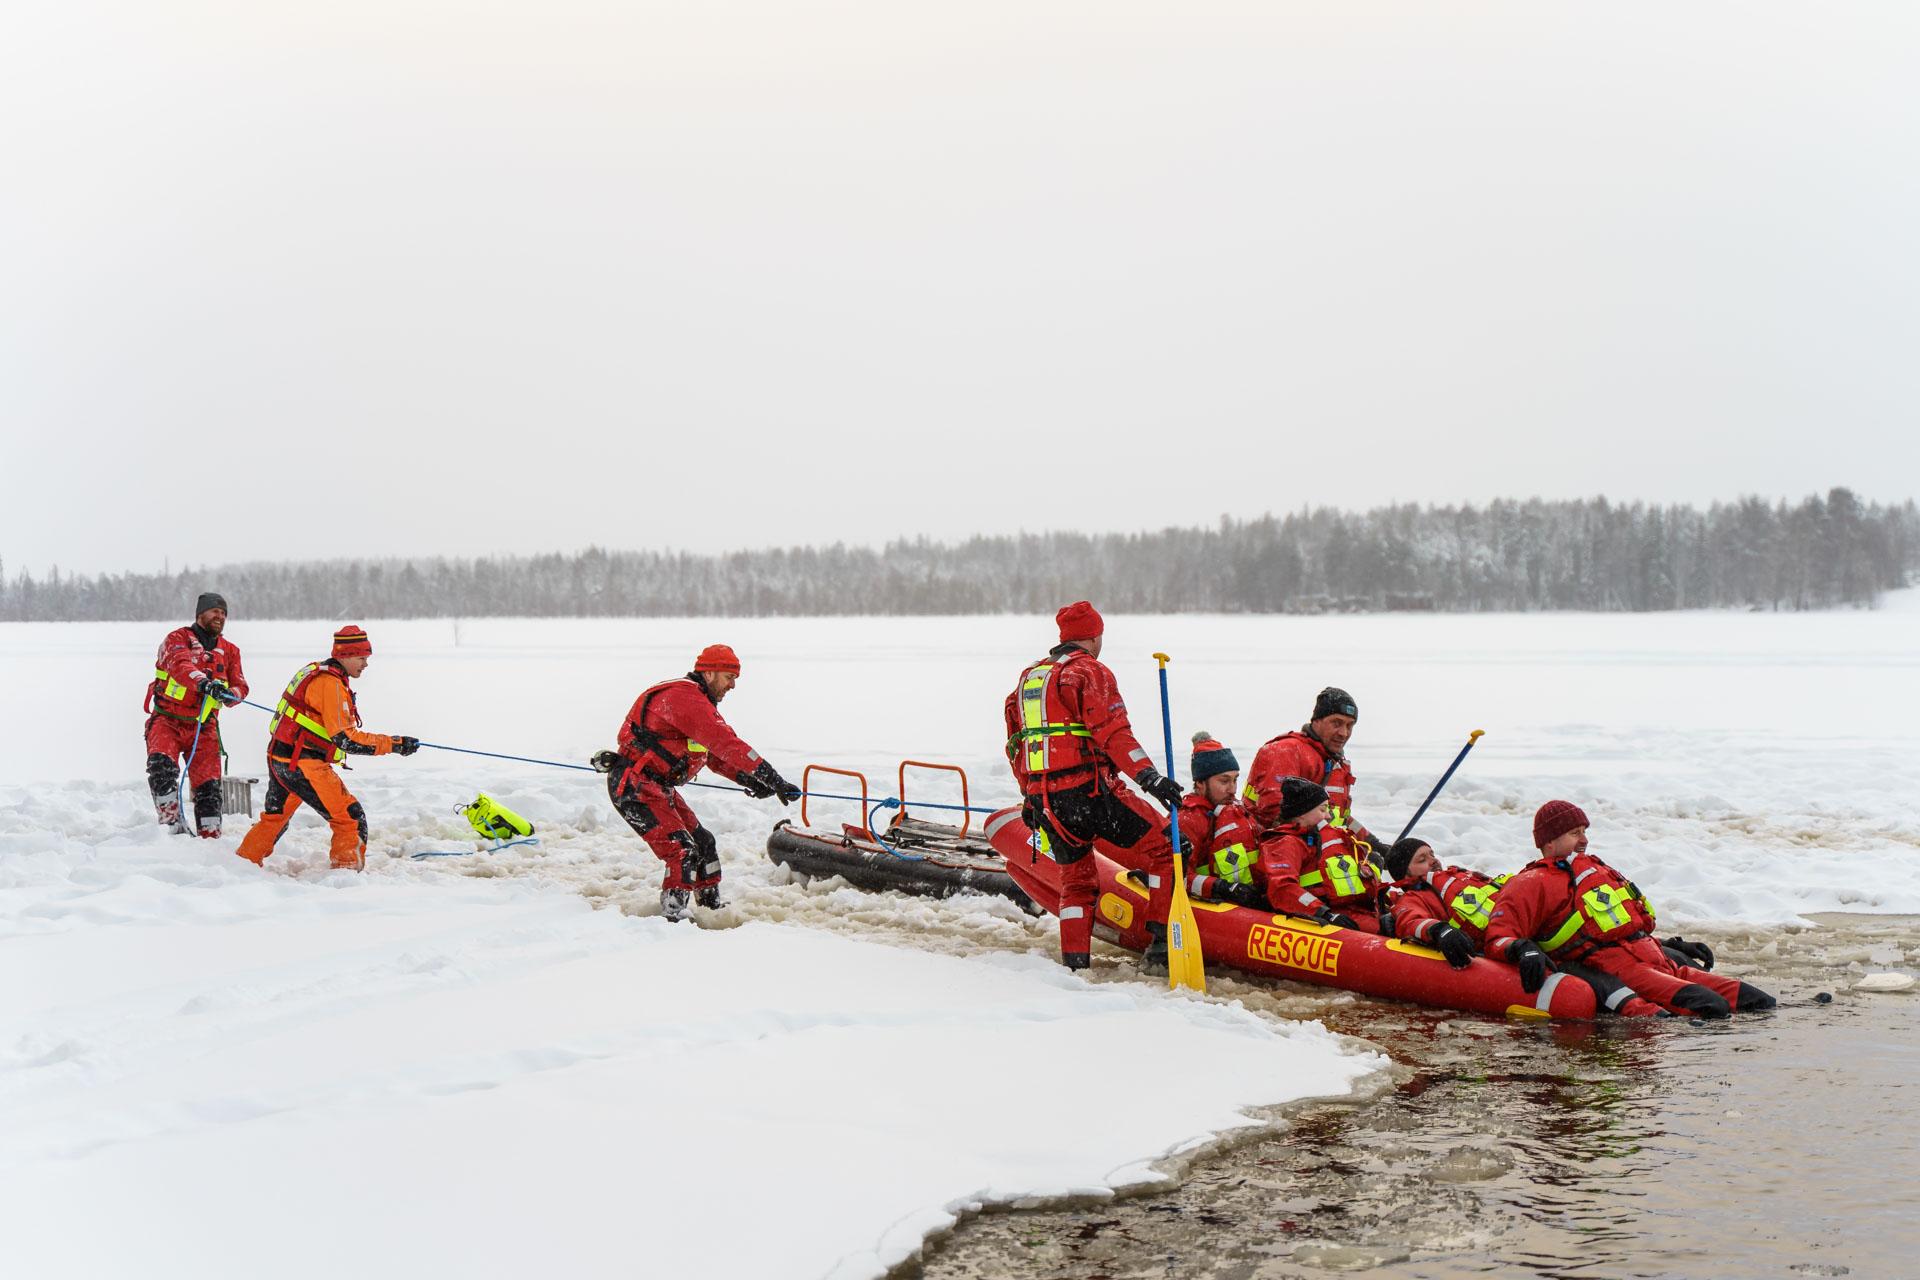 Ilmalla täytettävä WRS-pelastuskelkka on yleisesti käytössä vesipelastuksessa ympäri Eurooppaa. Suositus on kaksi pelastajaa ja yksi pelastettava, mutta kantavuutta riittää jopa viidelle hengelle. Se on myös helppo kuljettaa syrjäisiinkin paikkoihin.